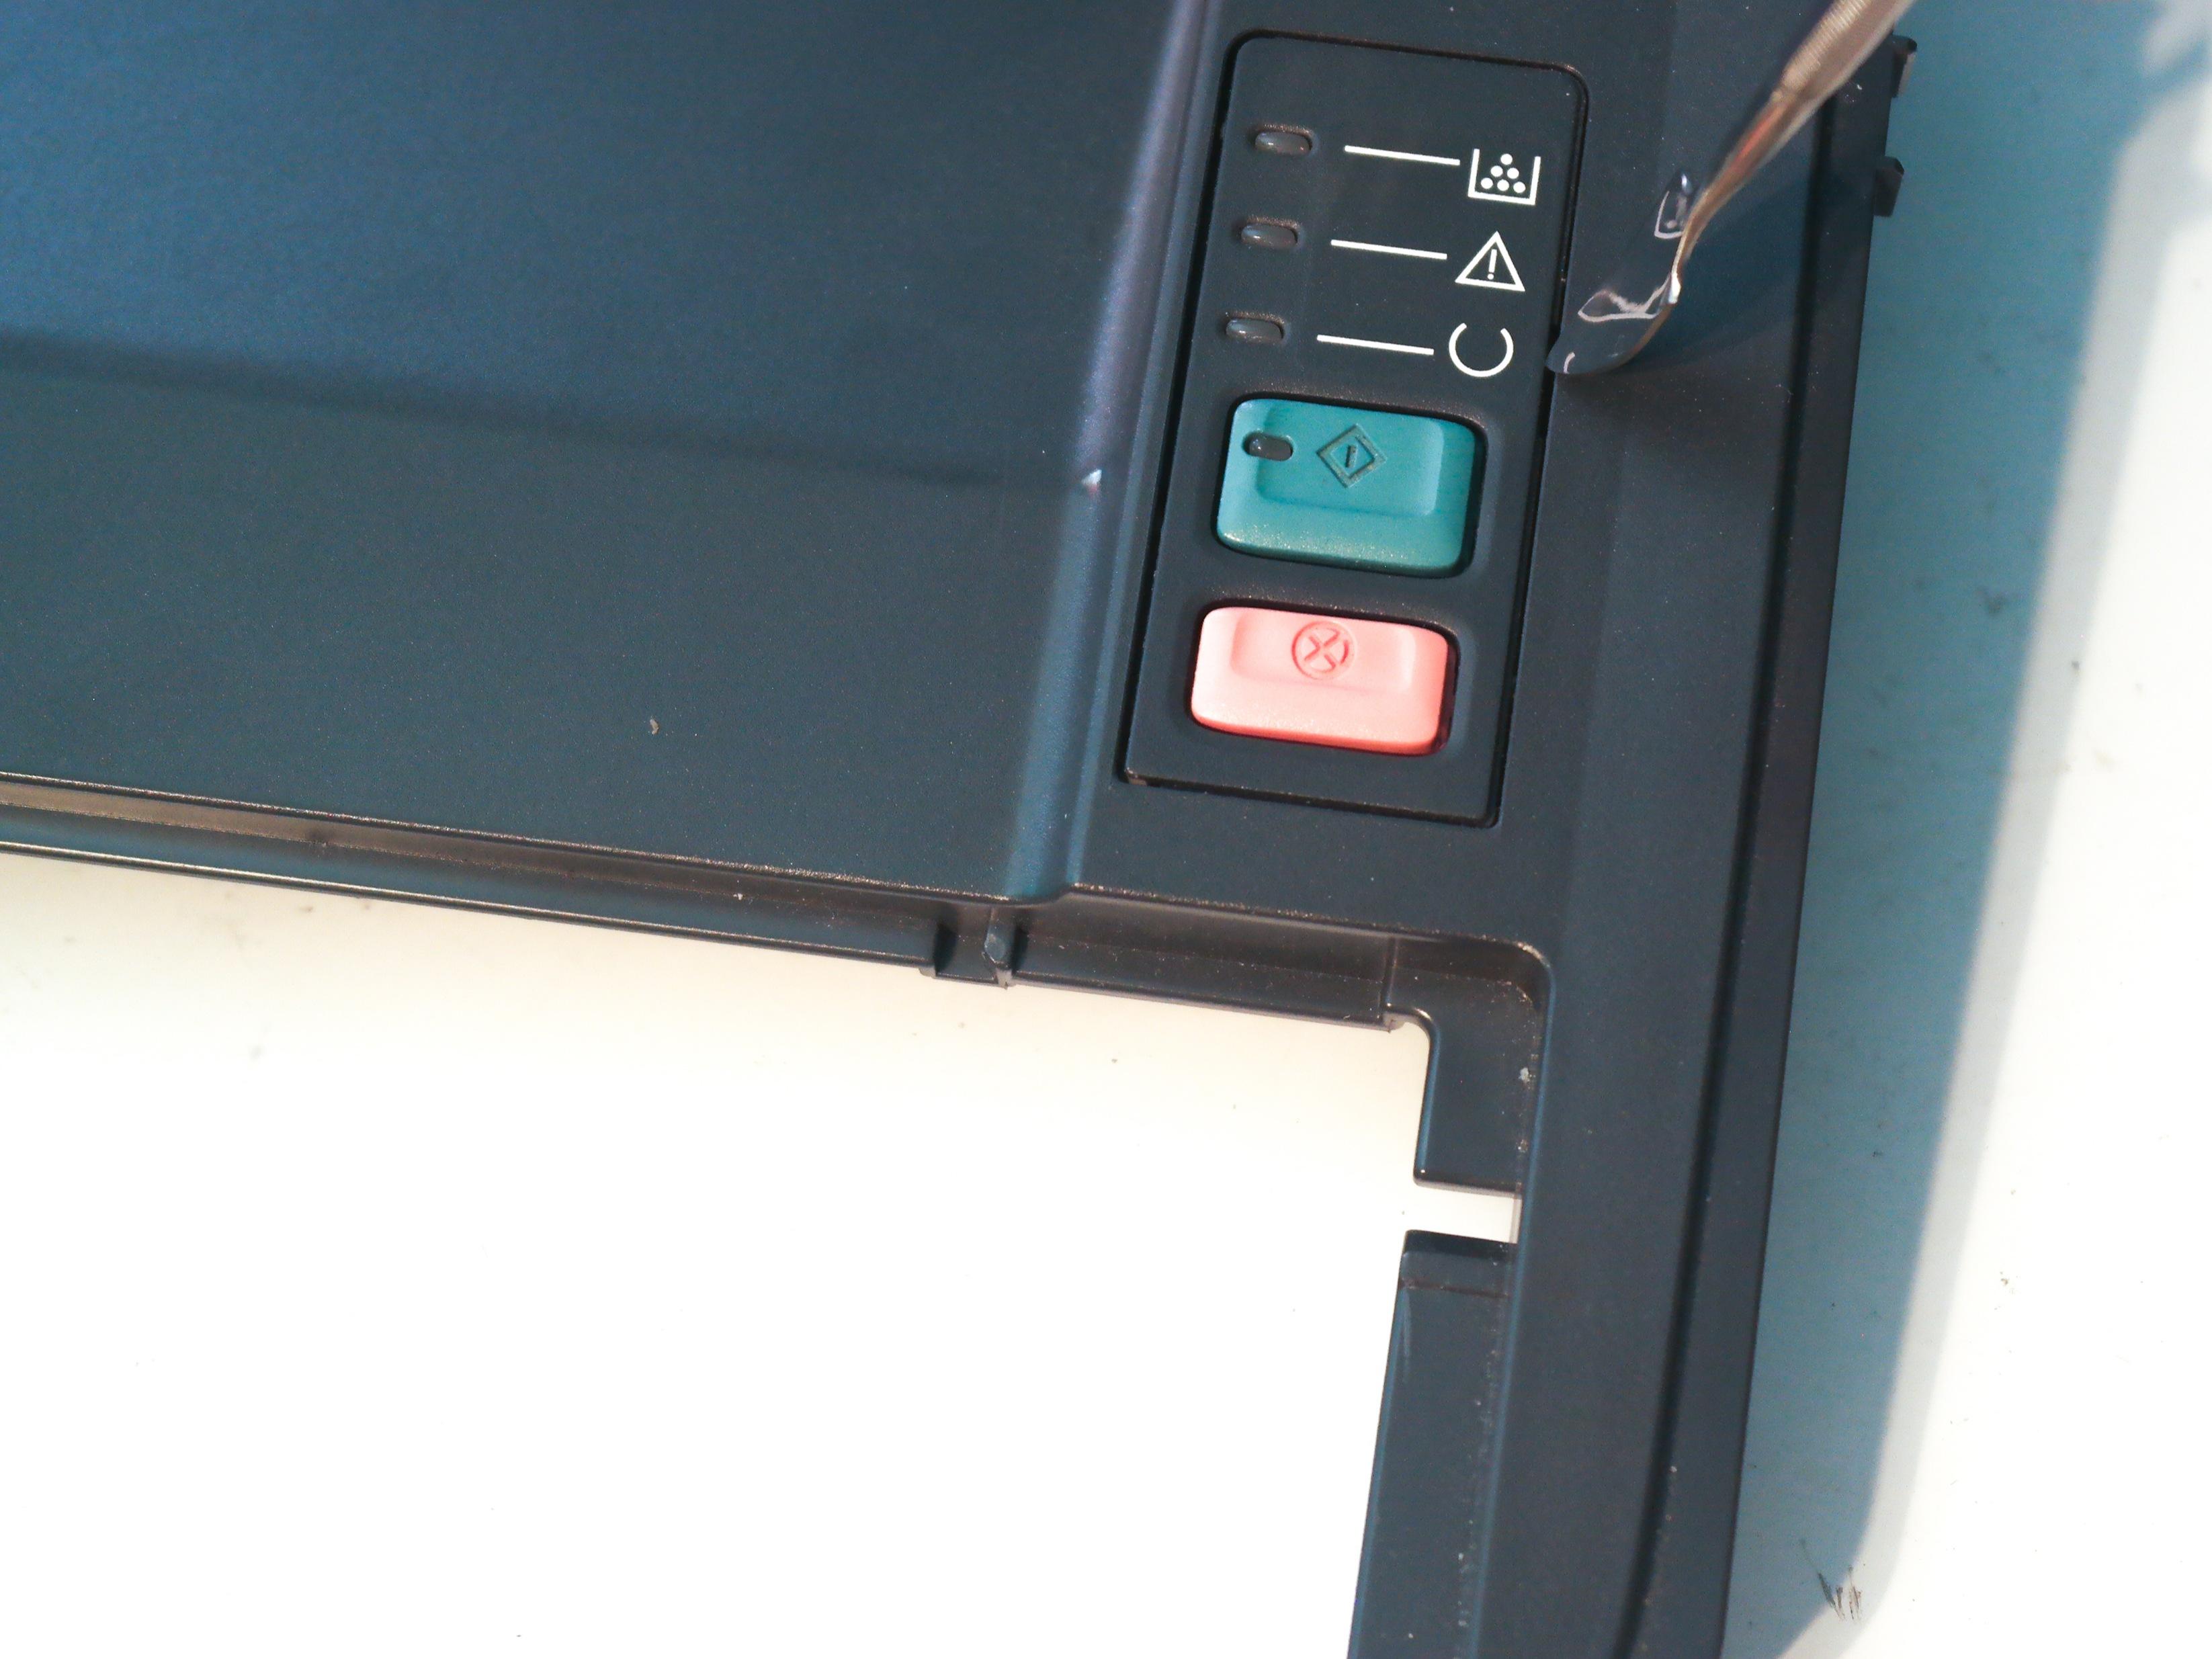 Hp color laserjet cp1515n service and repair manual.